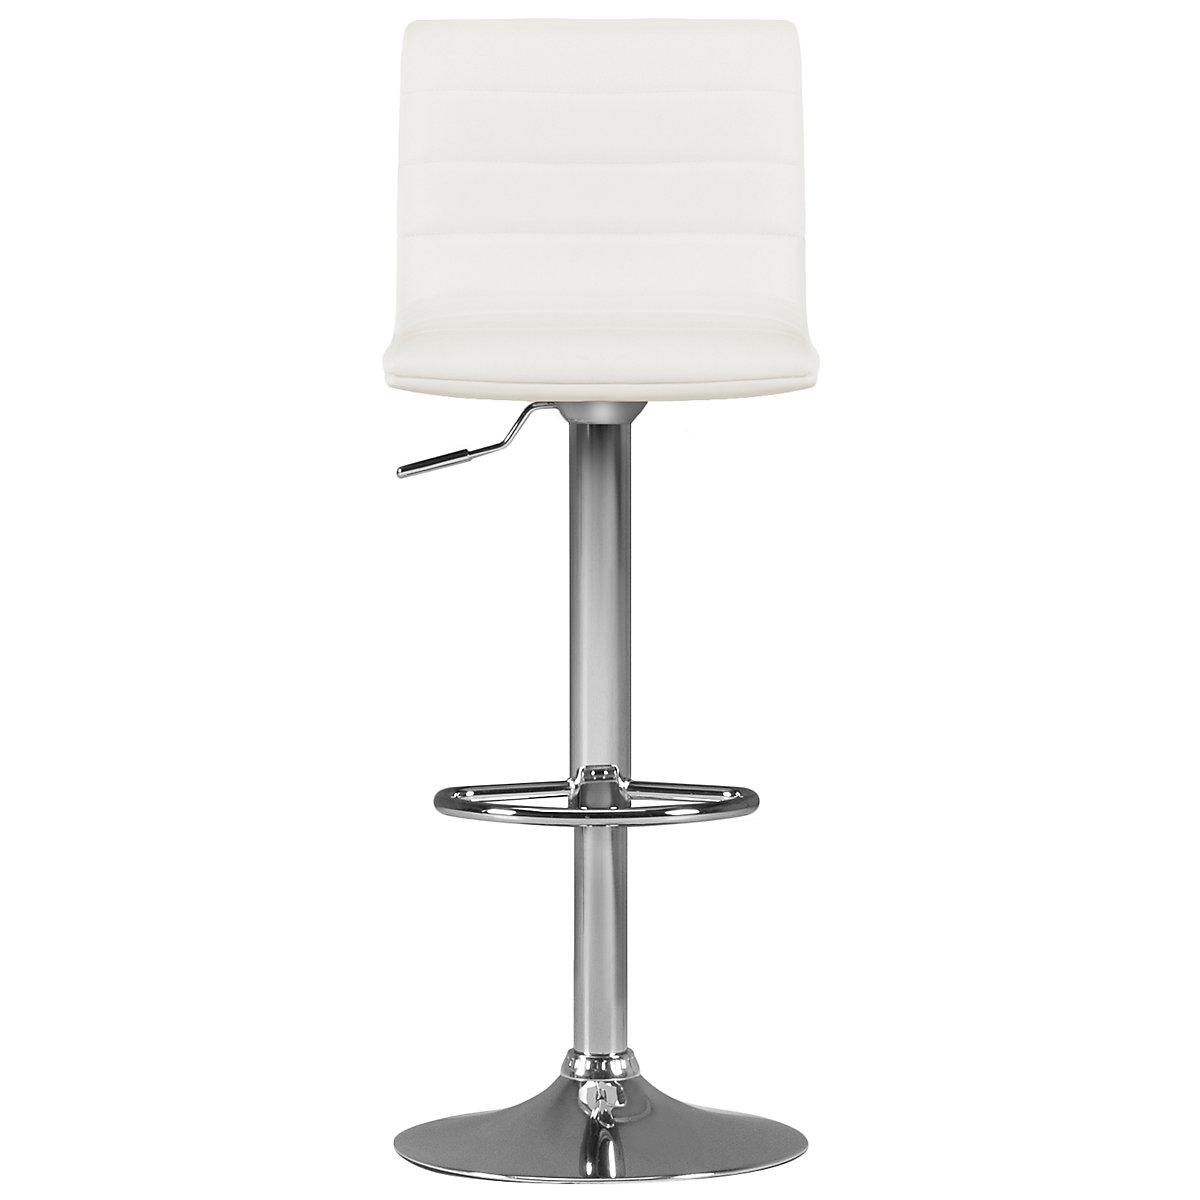 Motivo White Upholstered Adjustable Stool